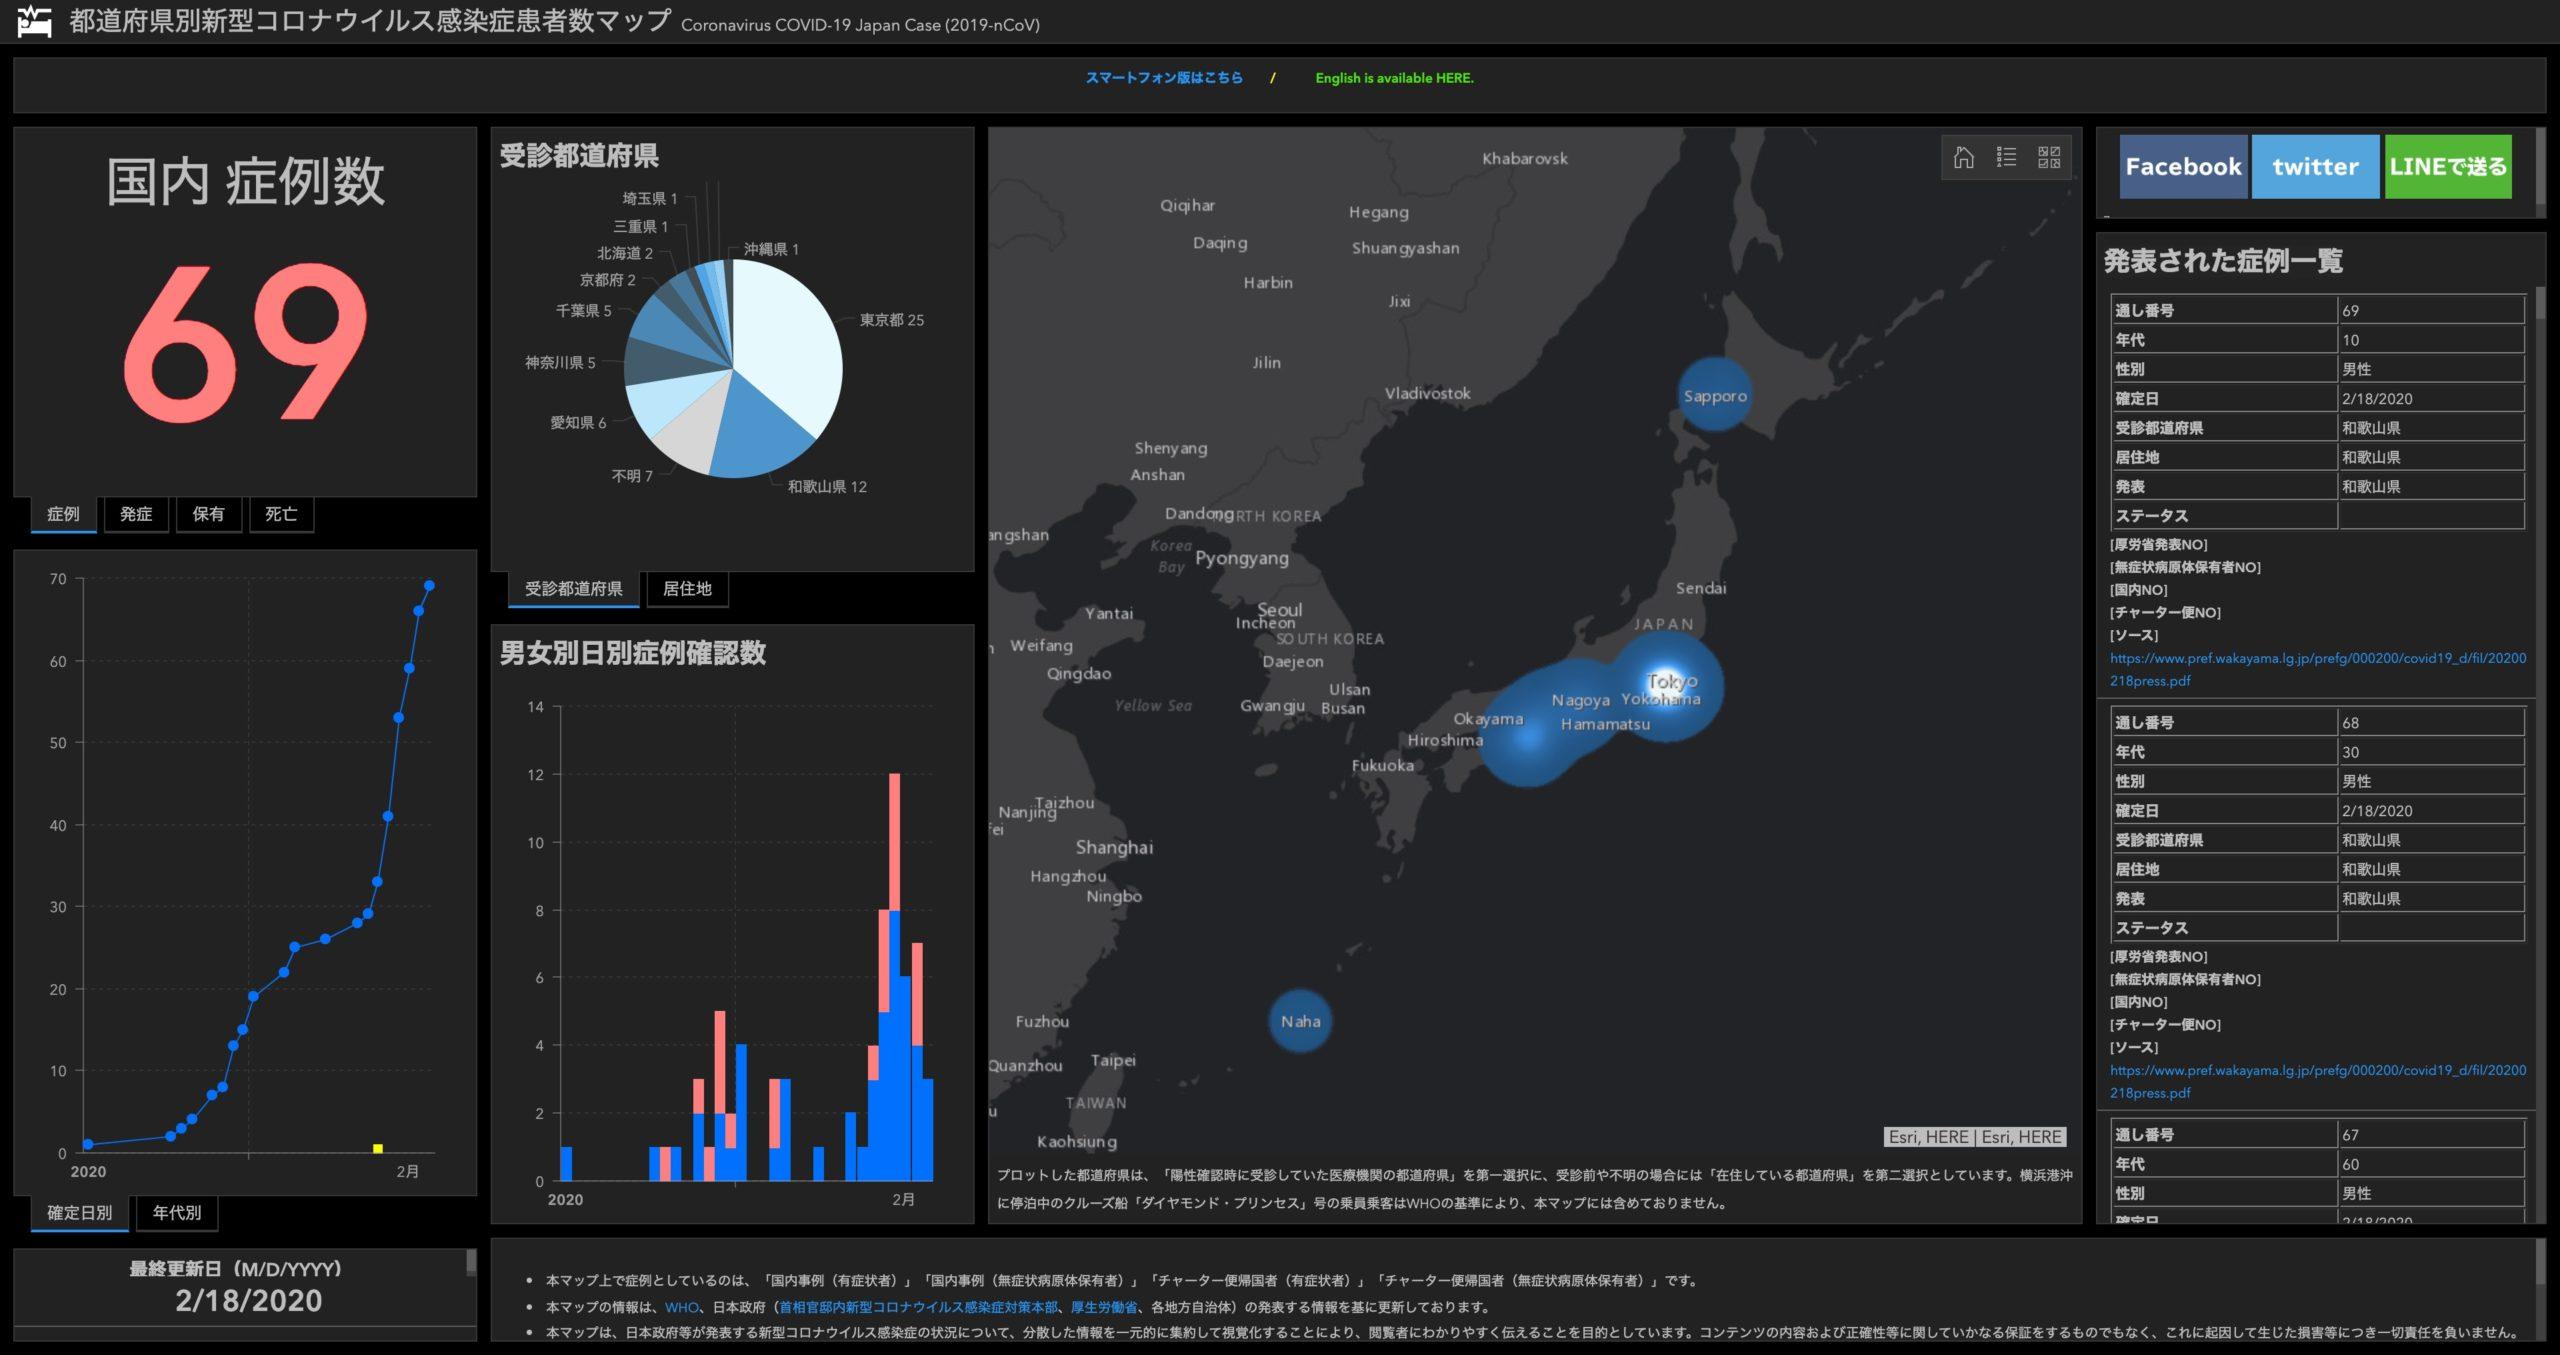 国内での新型コロナウイルス感染症の患者数マップ(ジャッグジャパン提供)